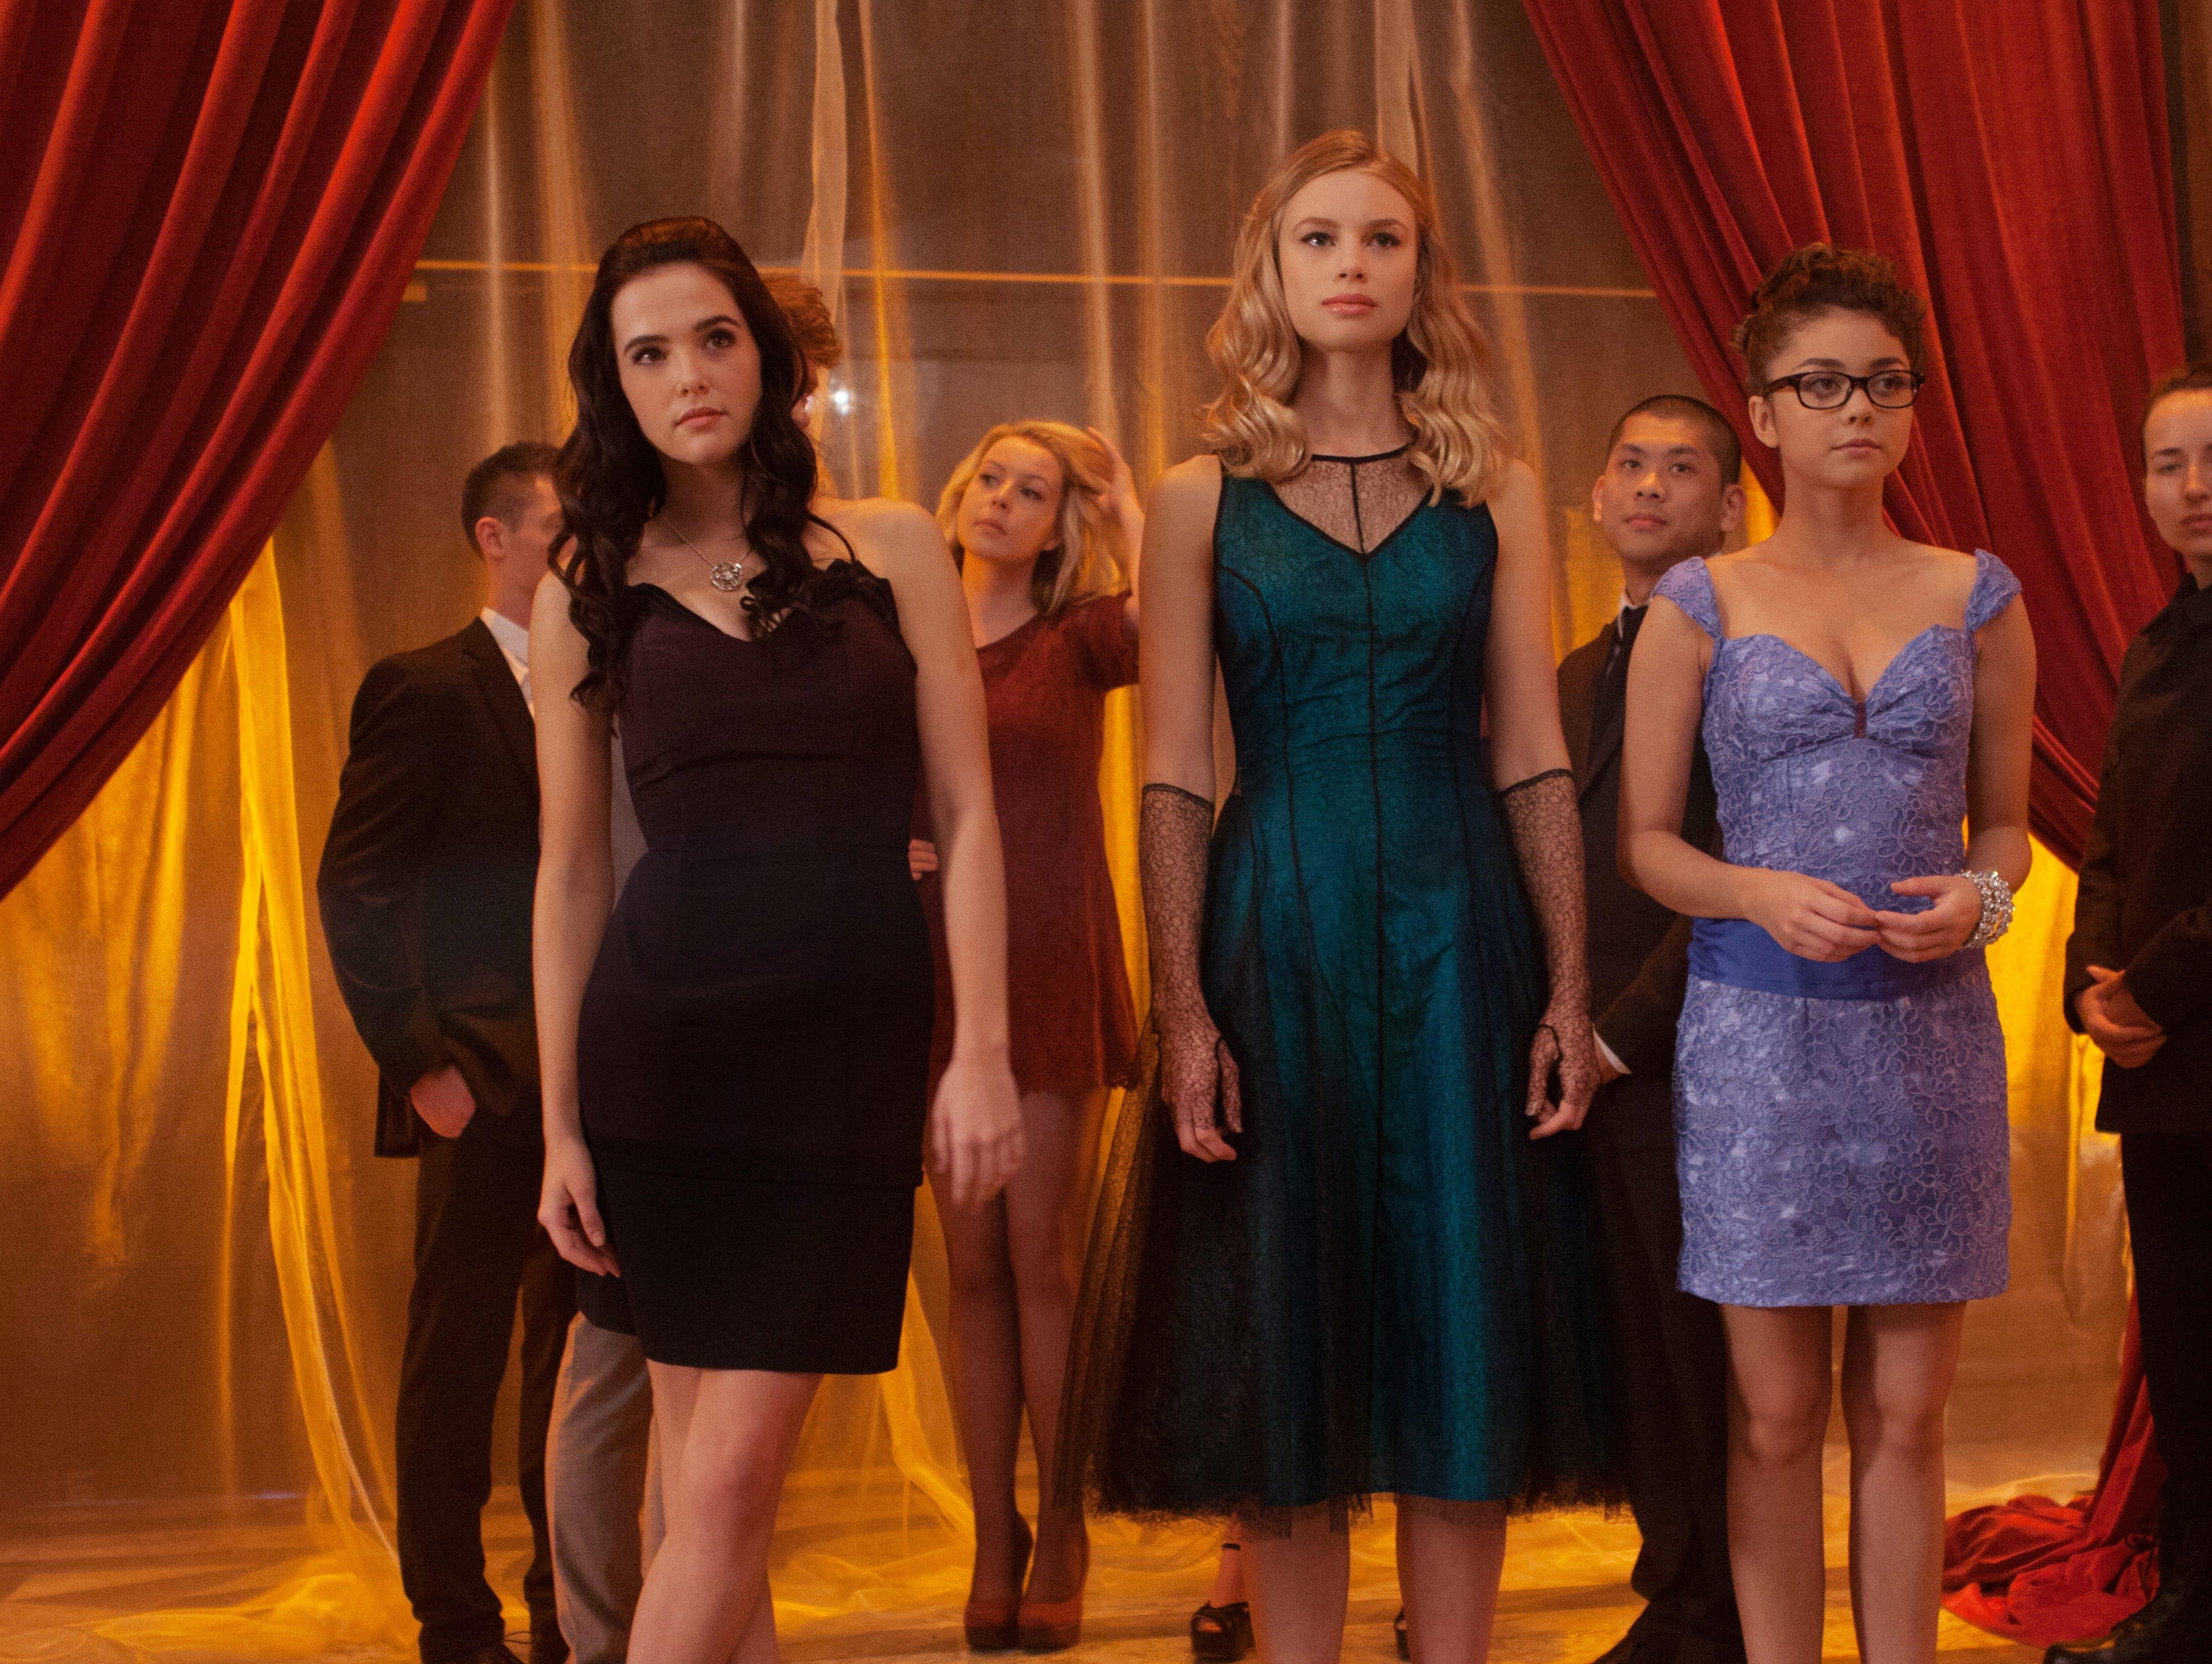 'Vampire Academy' Group Shot